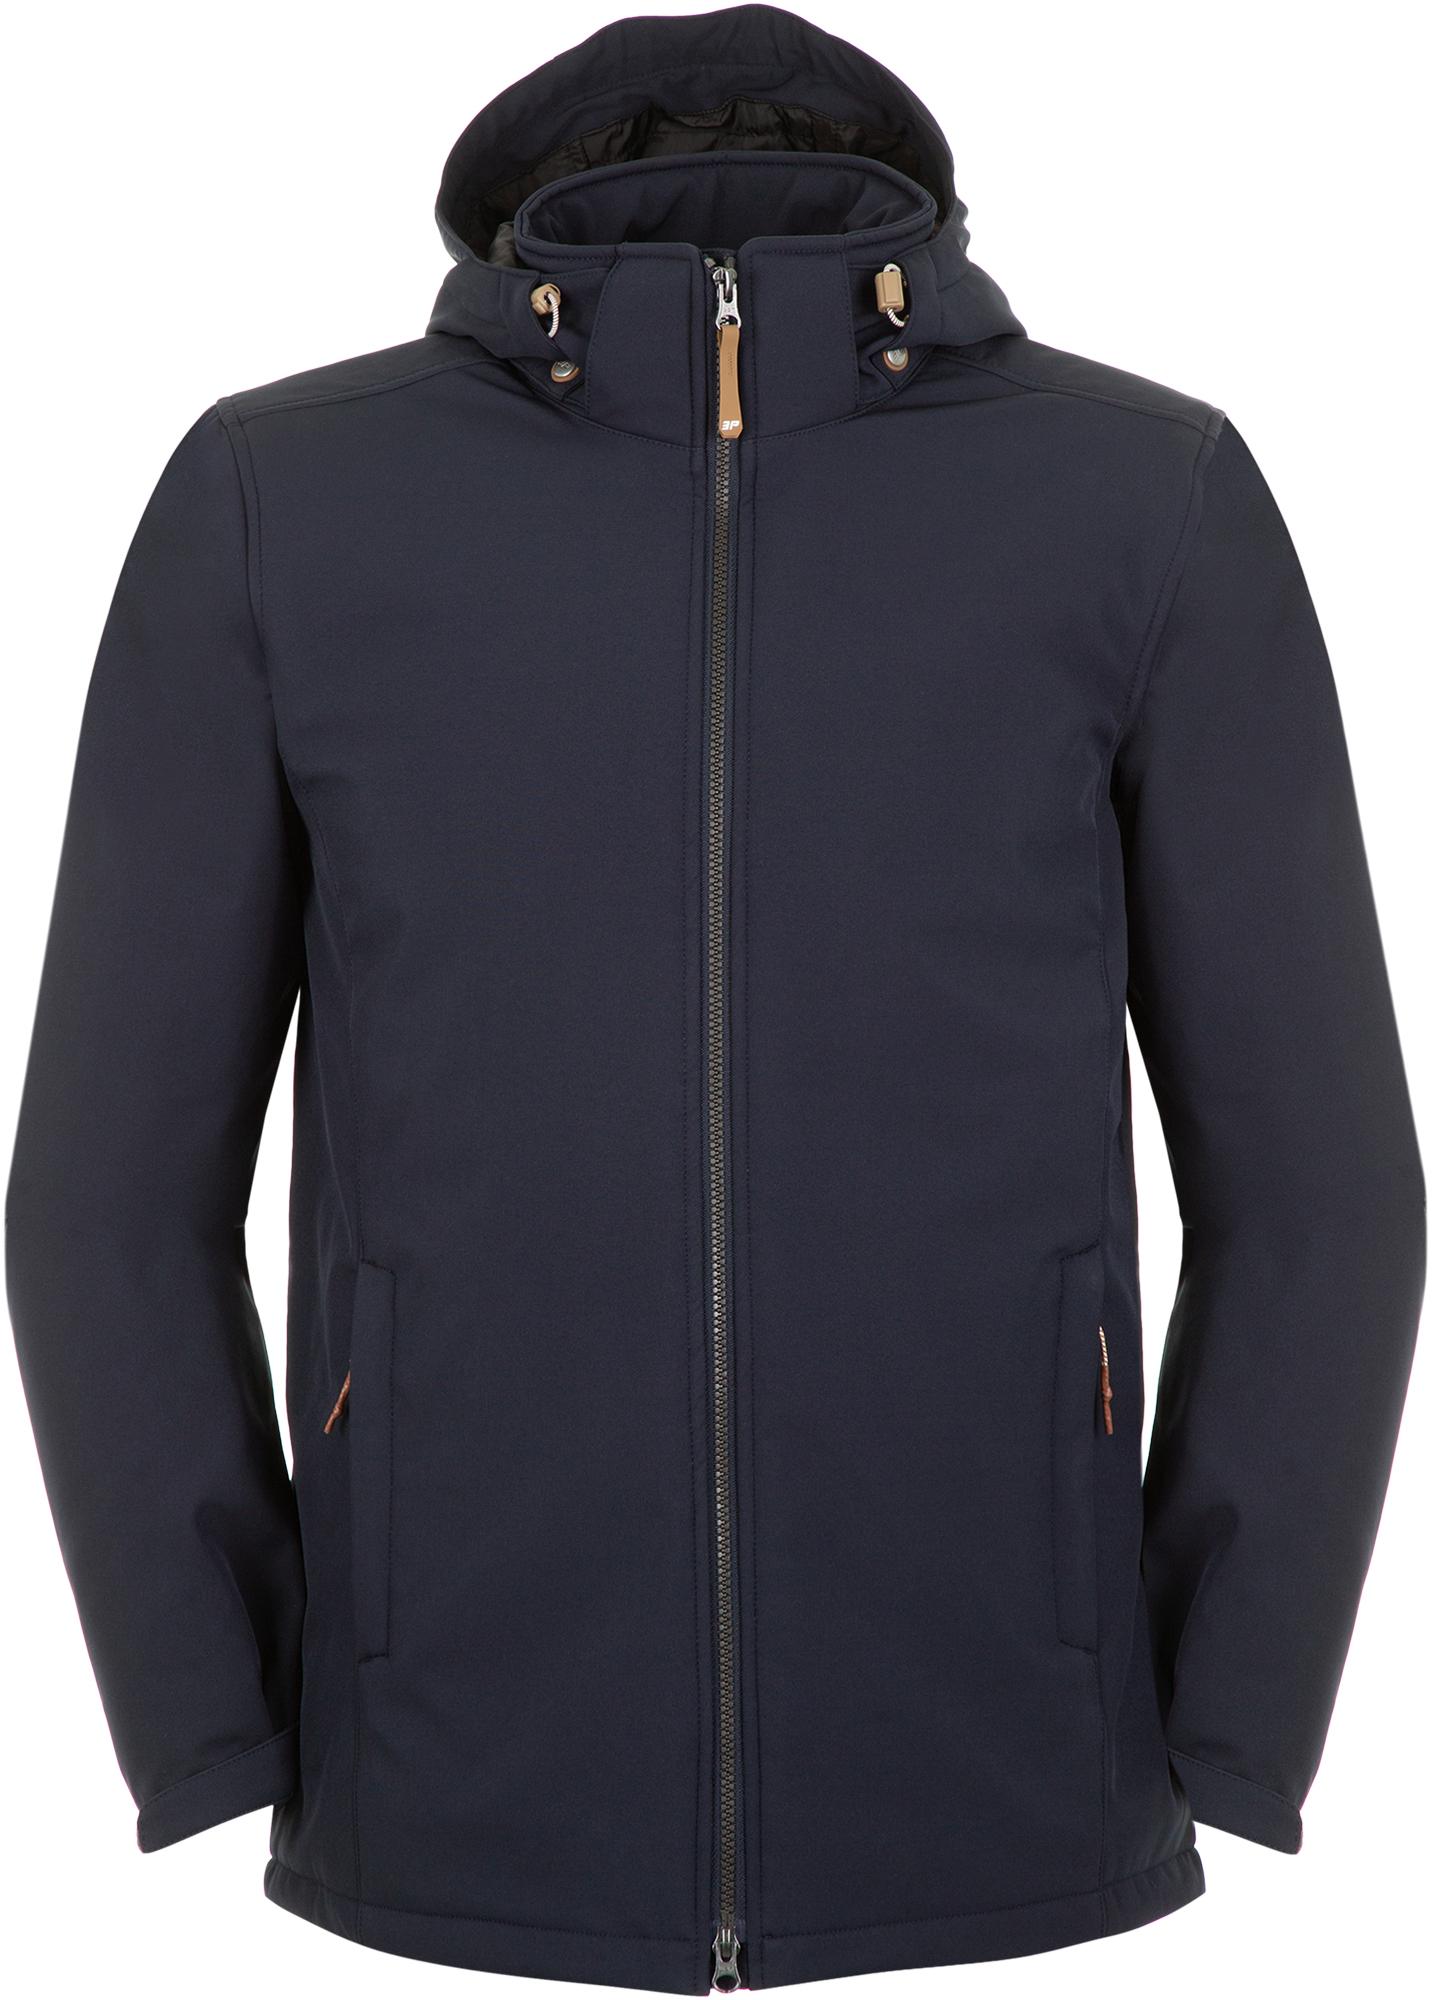 IcePeak Куртка утепленная мужская IcePeak Pineland, размер 56